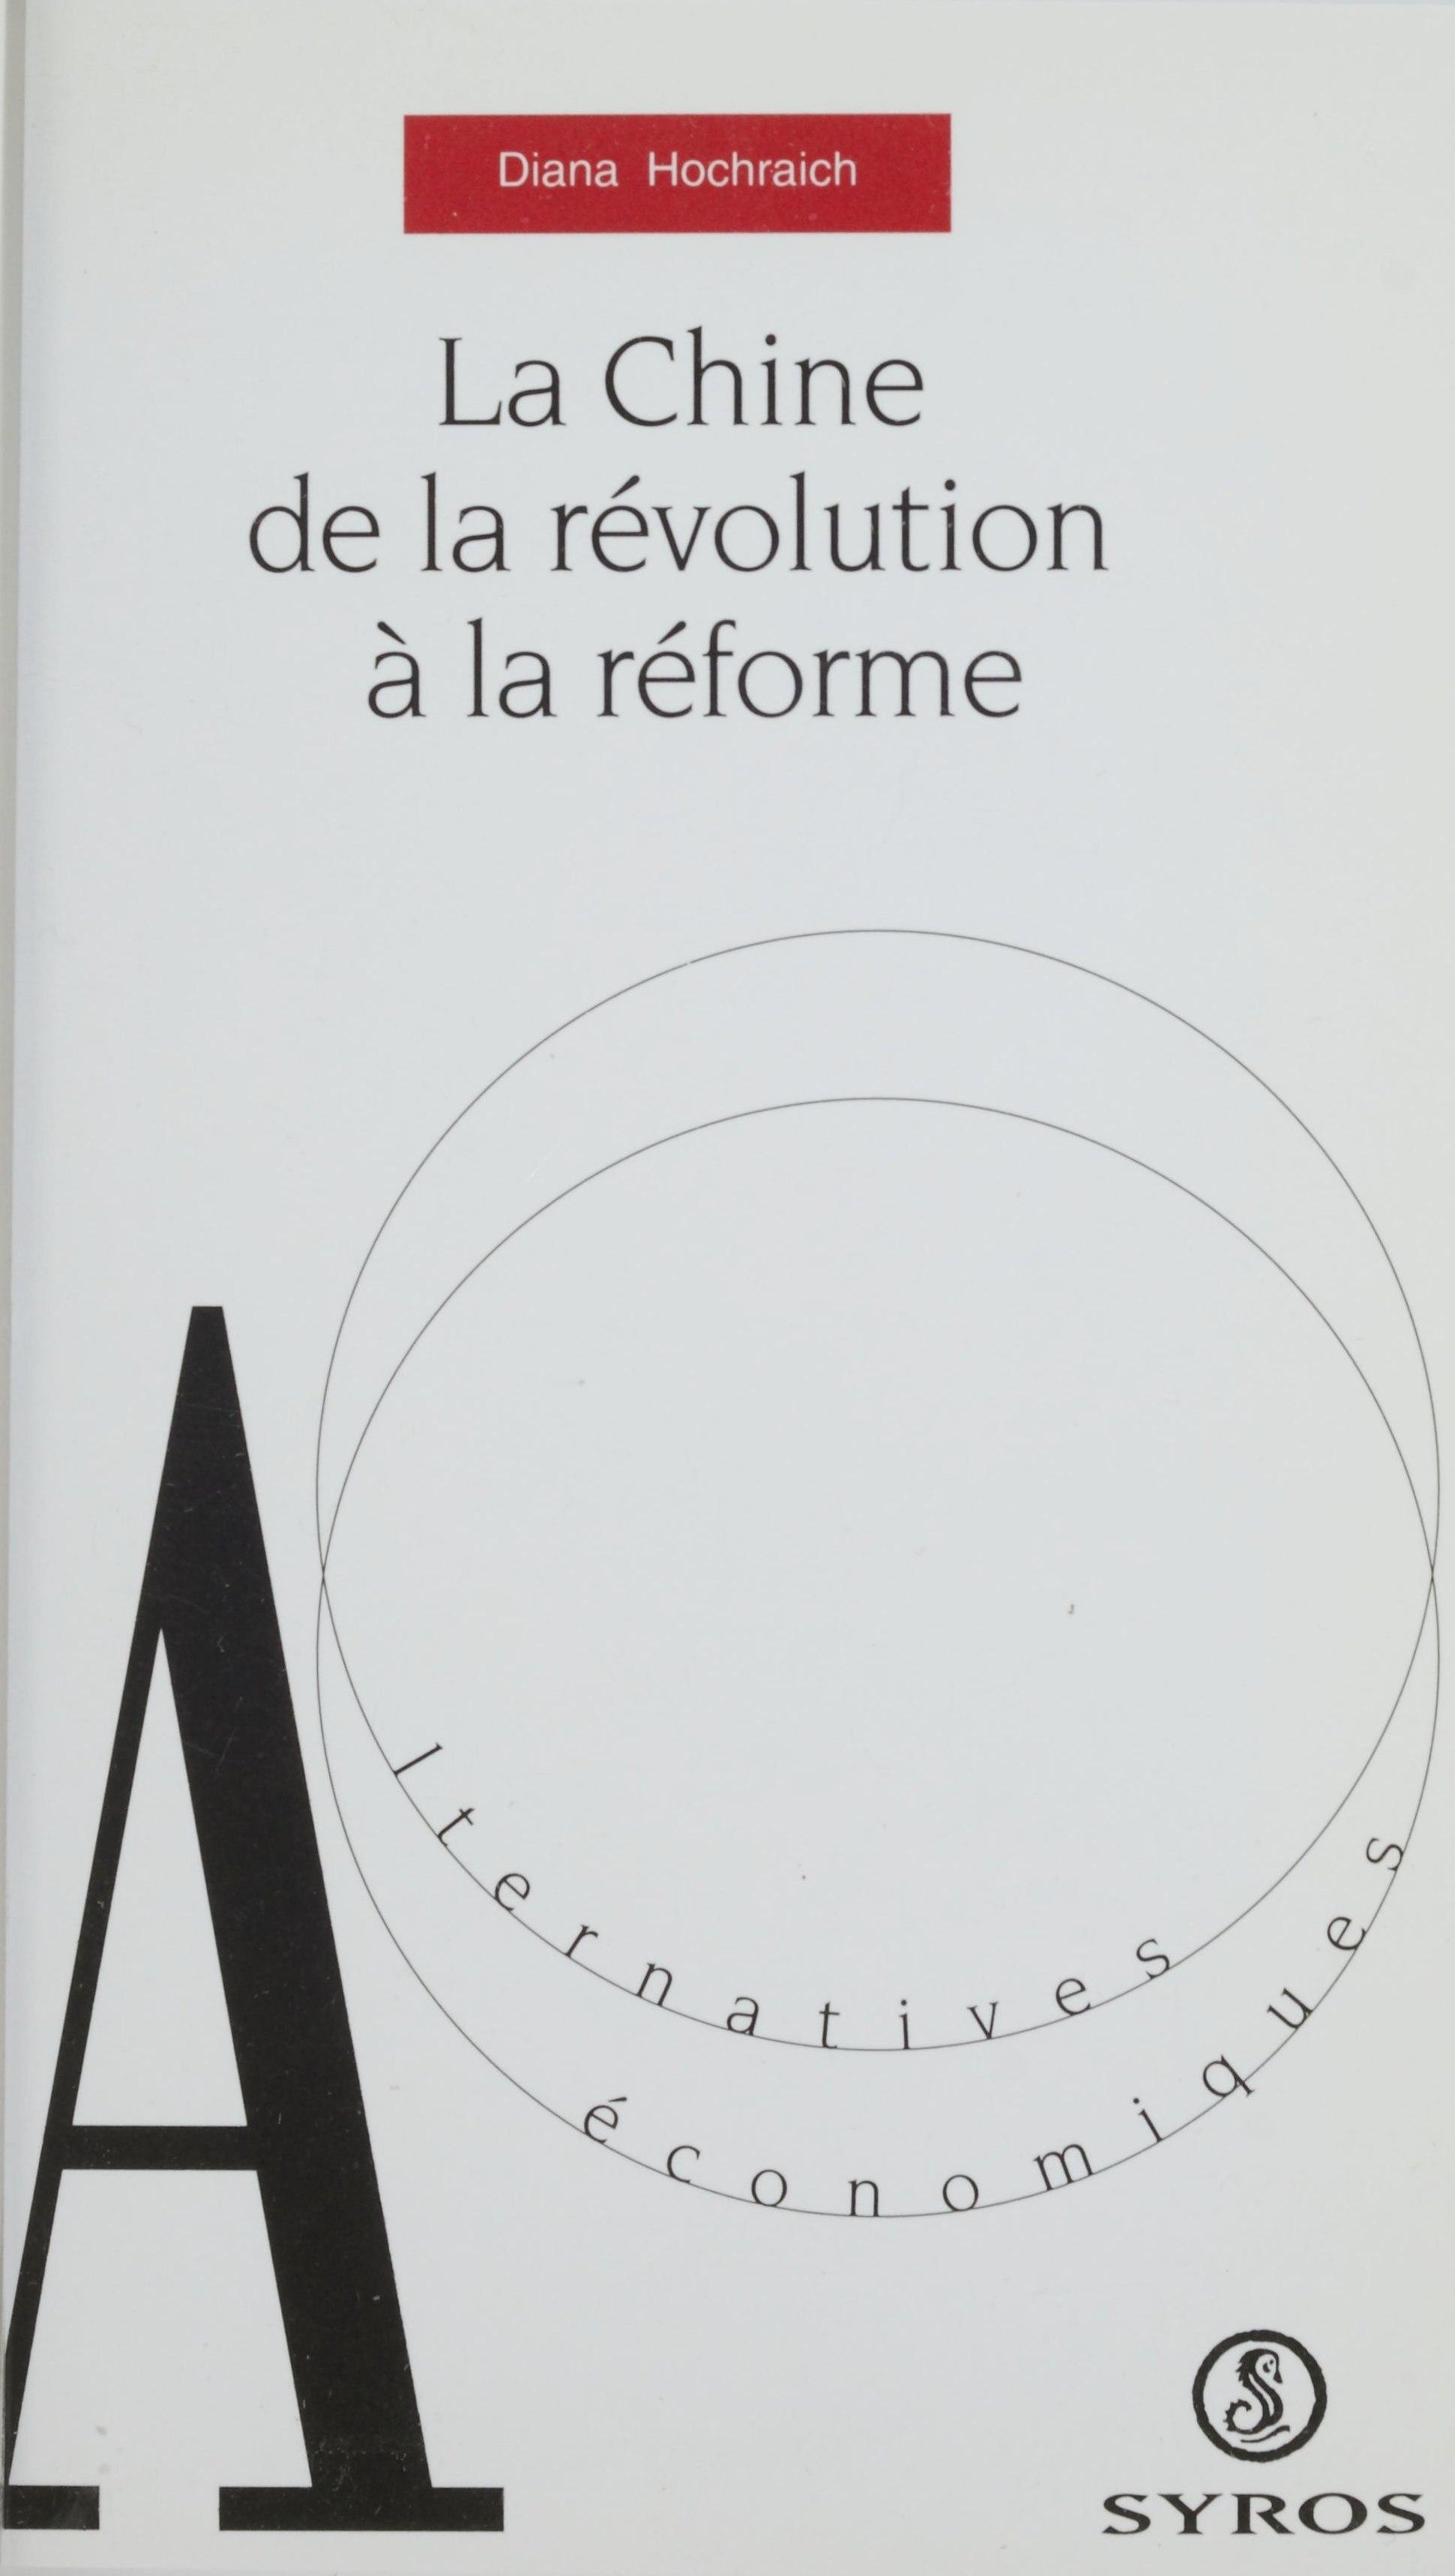 La Chine : de la révolution à la réforme, De la révolution à la réforme